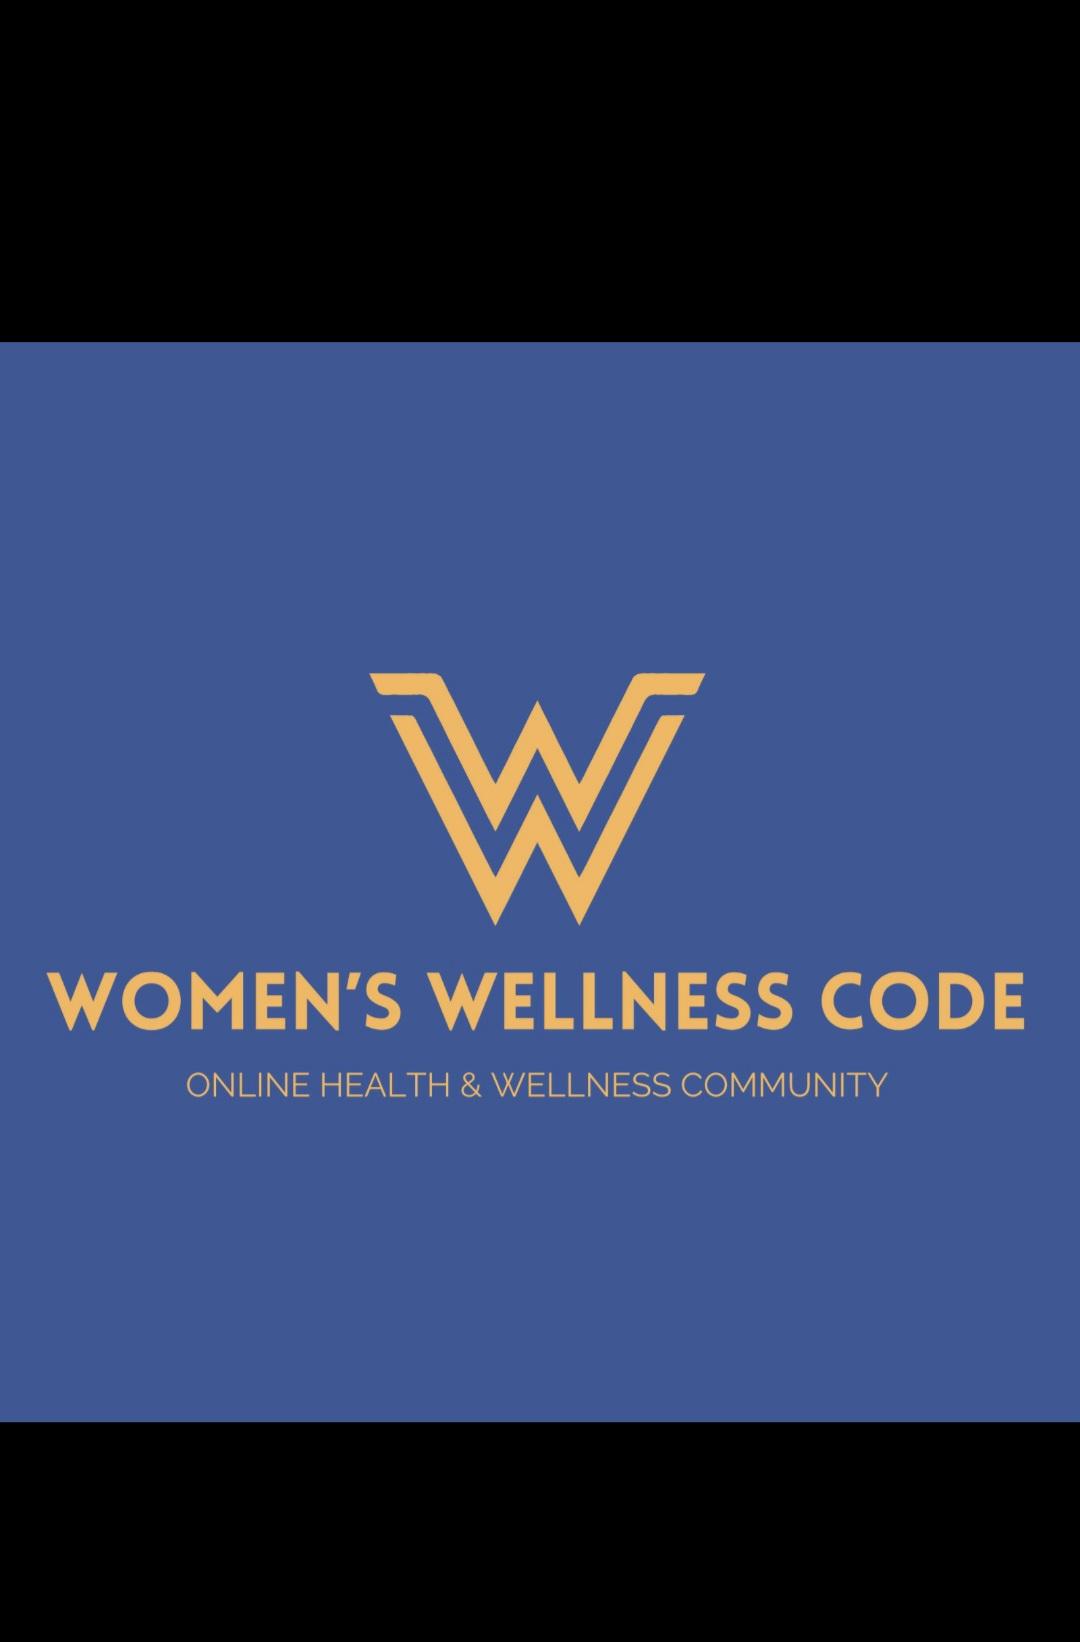 Women's Wellness Code Community